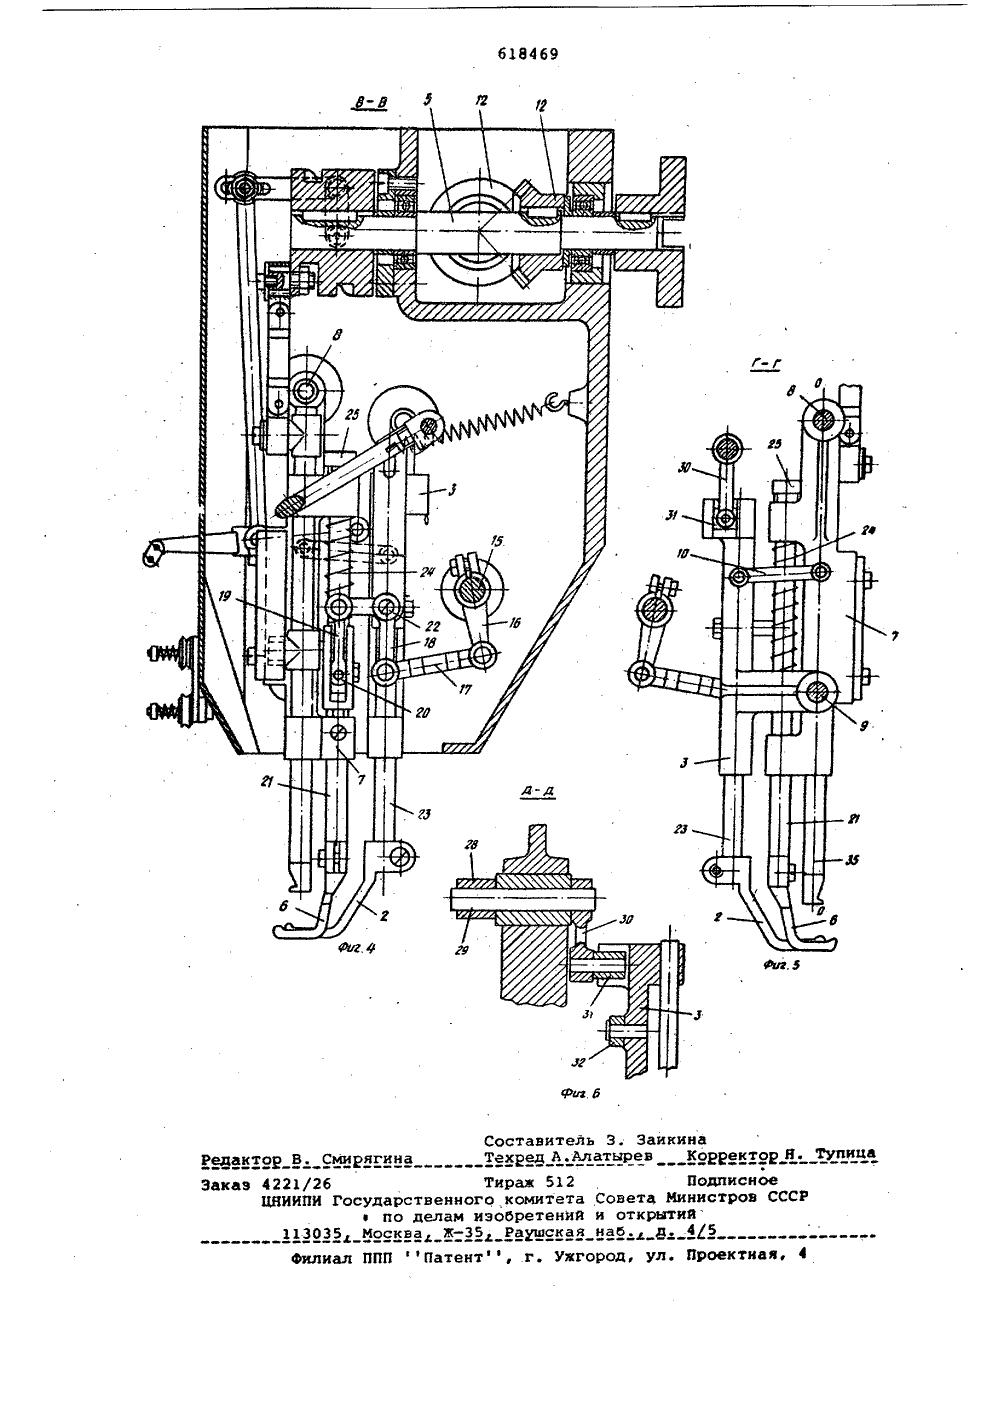 двигатель ткани в швейной машине фото